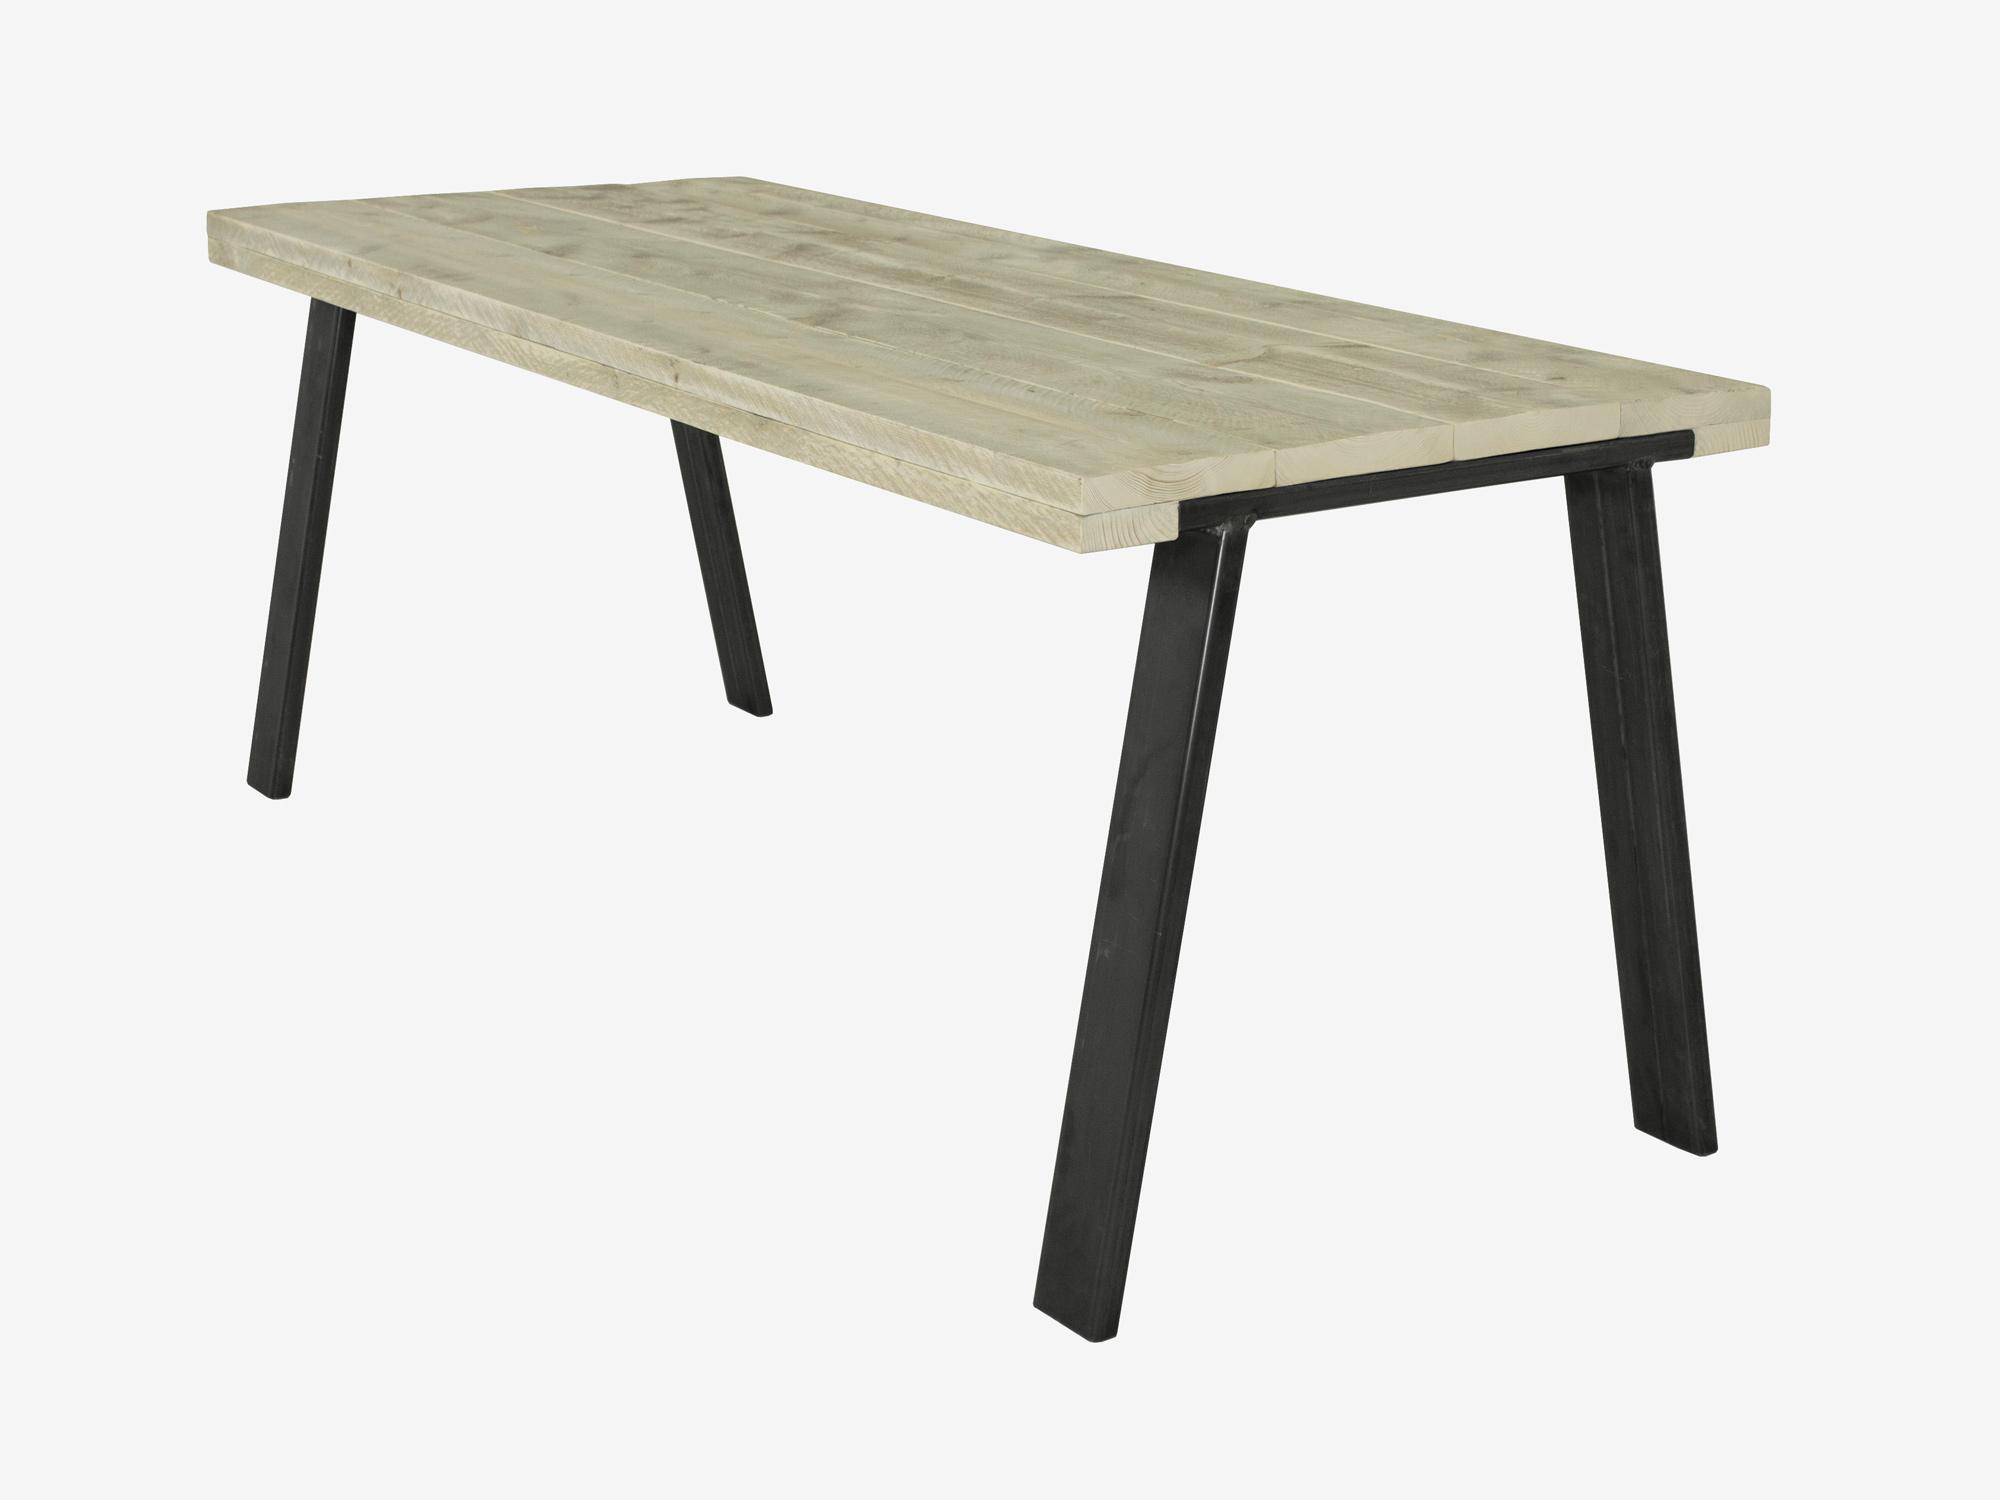 Eiken Tafel Schoonmaken : Witte houten tafel schoonmaken eetkamerstoel tryck van zuiver bij